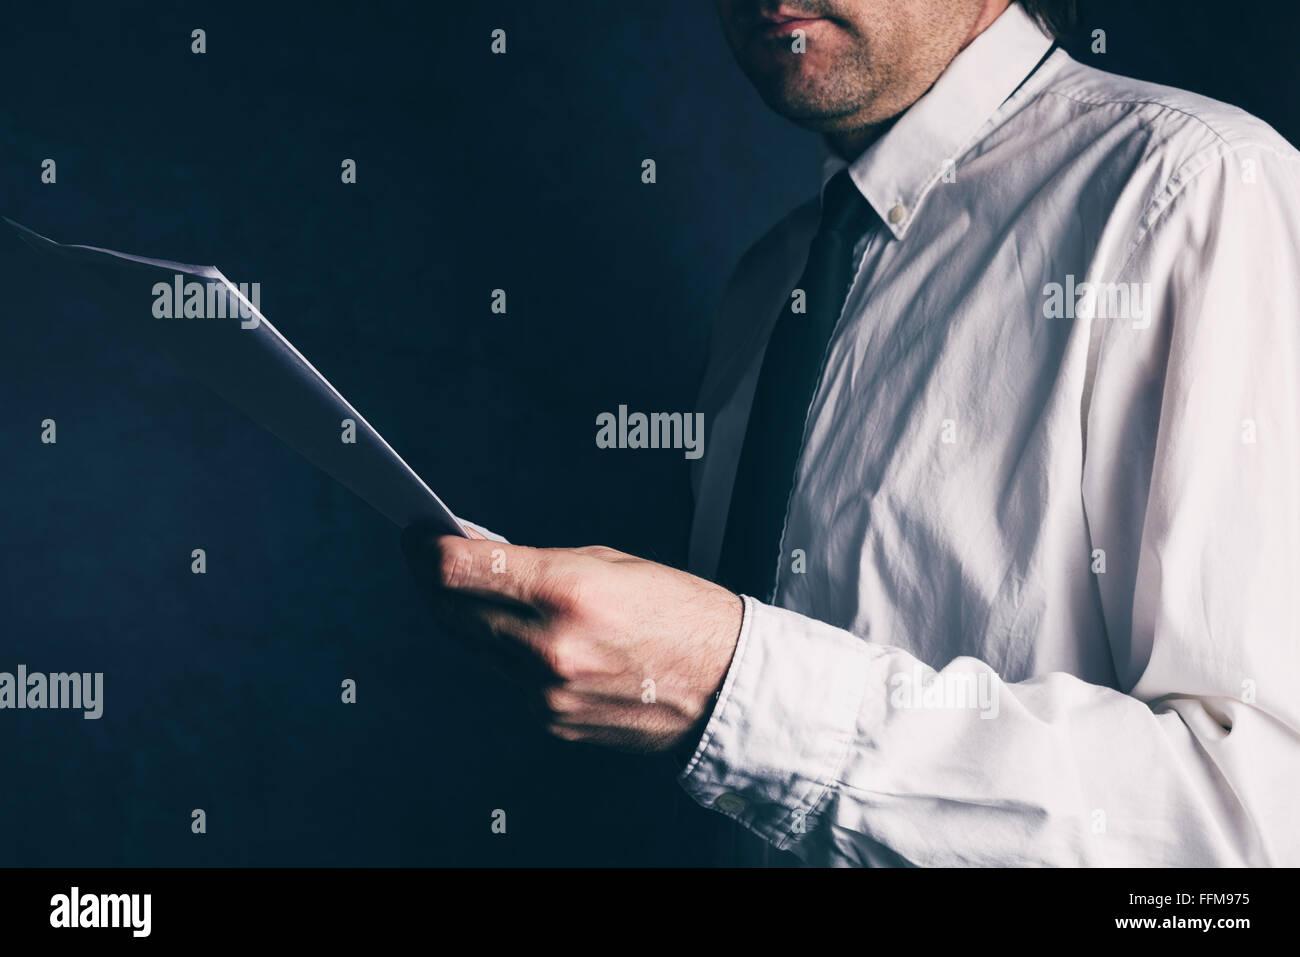 Ispettore fiscale facendo del controllo finanziario, imprenditore di lettura report aziendali, dai toni retrò, Immagini Stock